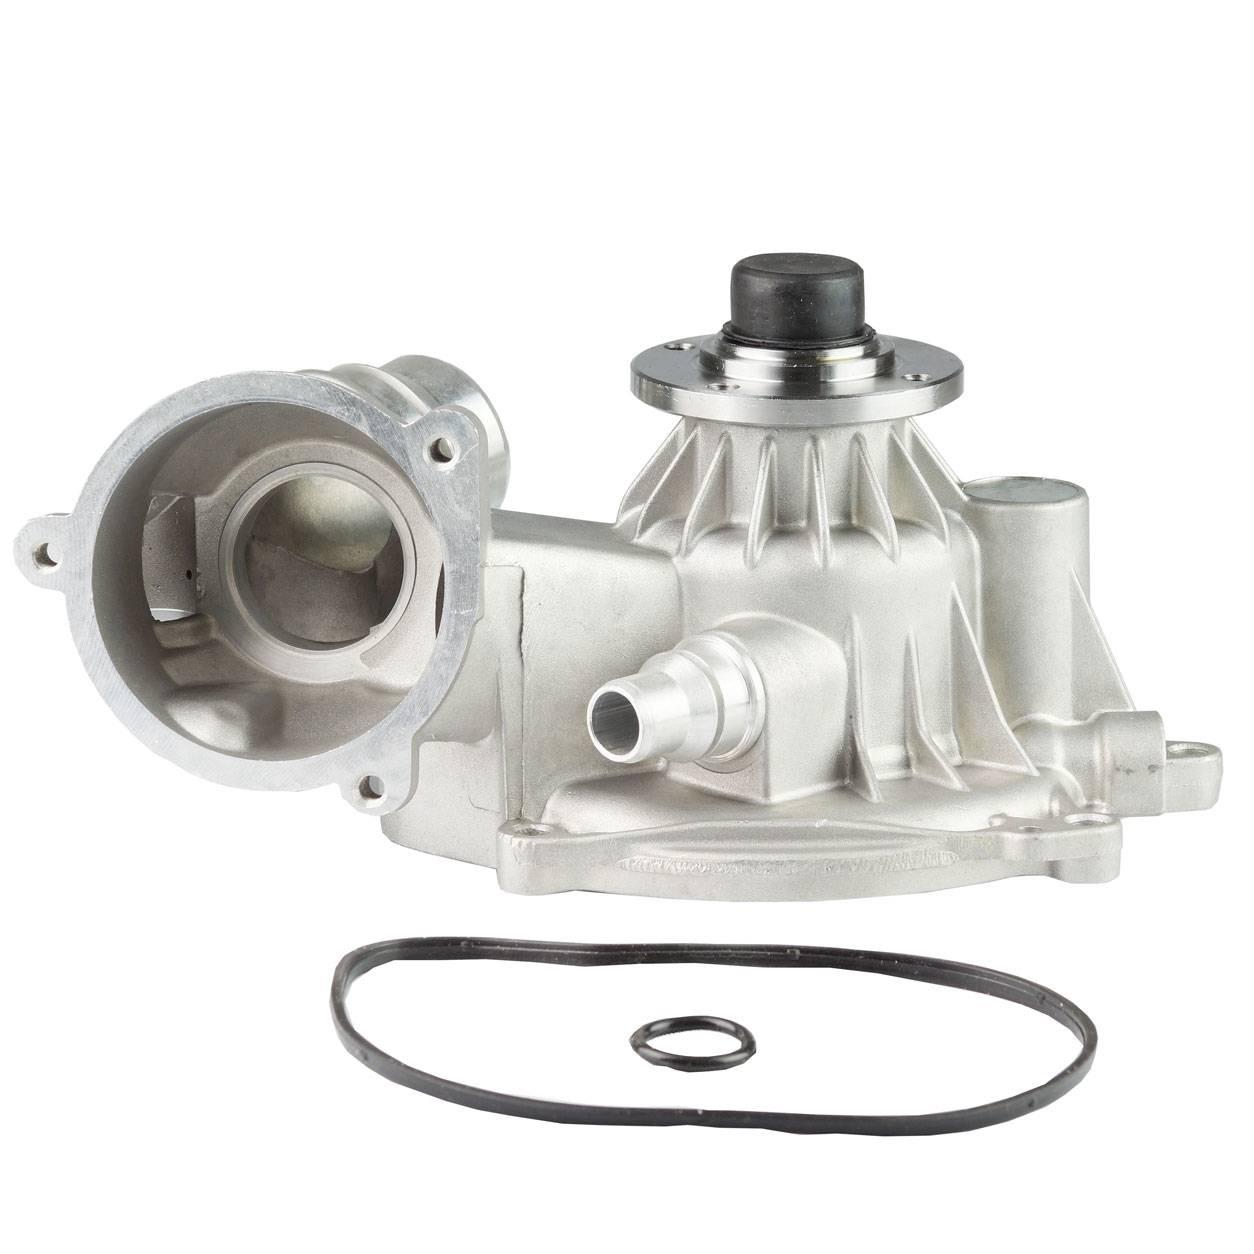 OEM QUALITY New Water Pump For BMW 540i 545i 645Ci 735i E39 E60 E63 E64 E38